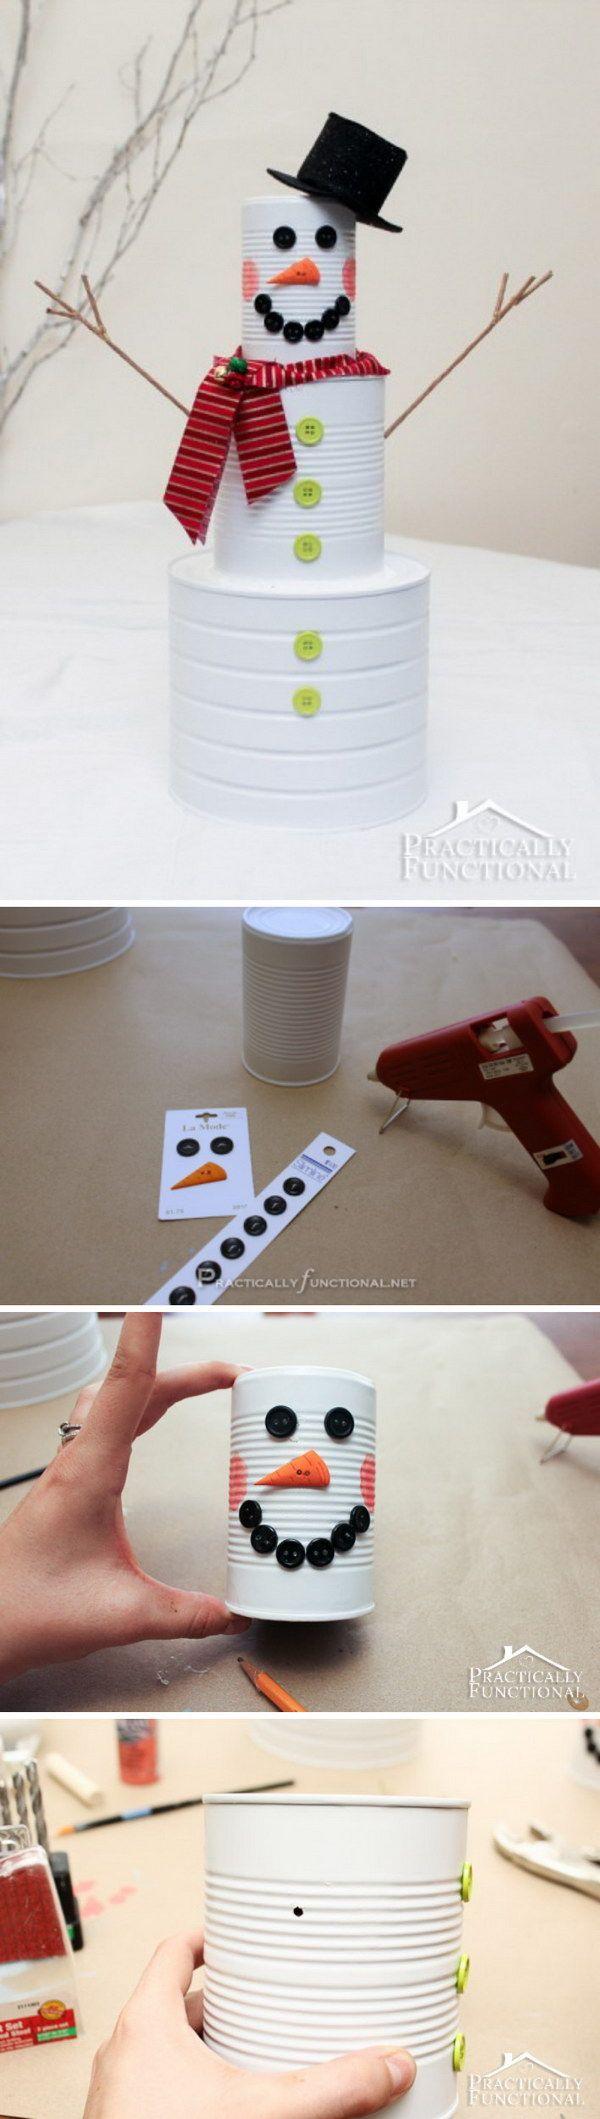 DIY Christmas Craft: Tin Can Snowman.